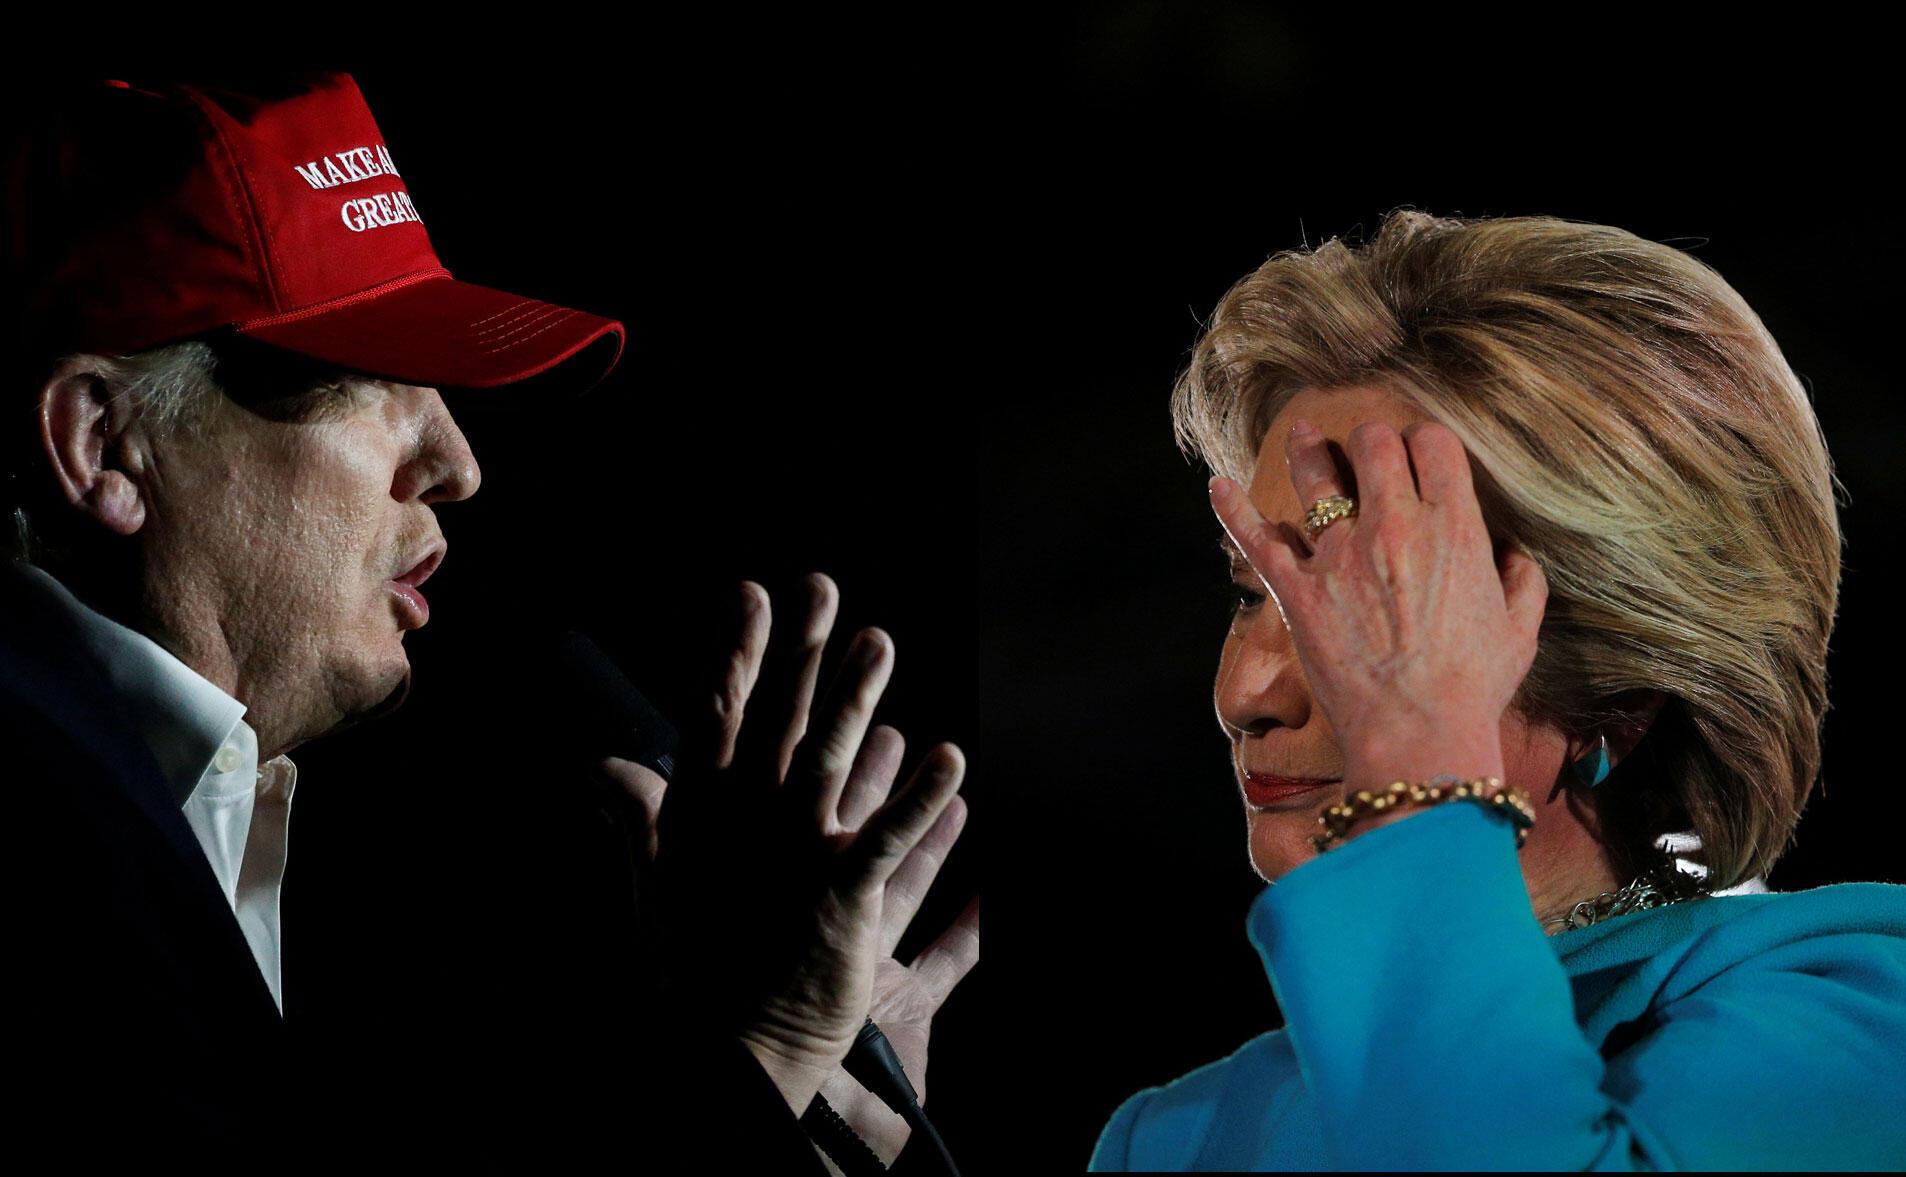 Fotomontagem dos candidatos nos seus últimos comícios. Donald Trum em Pennsylvania e Hillary Clinton em New Hampshire. Pesquisa aponta Hillary com pequena vantagem sobre Trump6/11/16